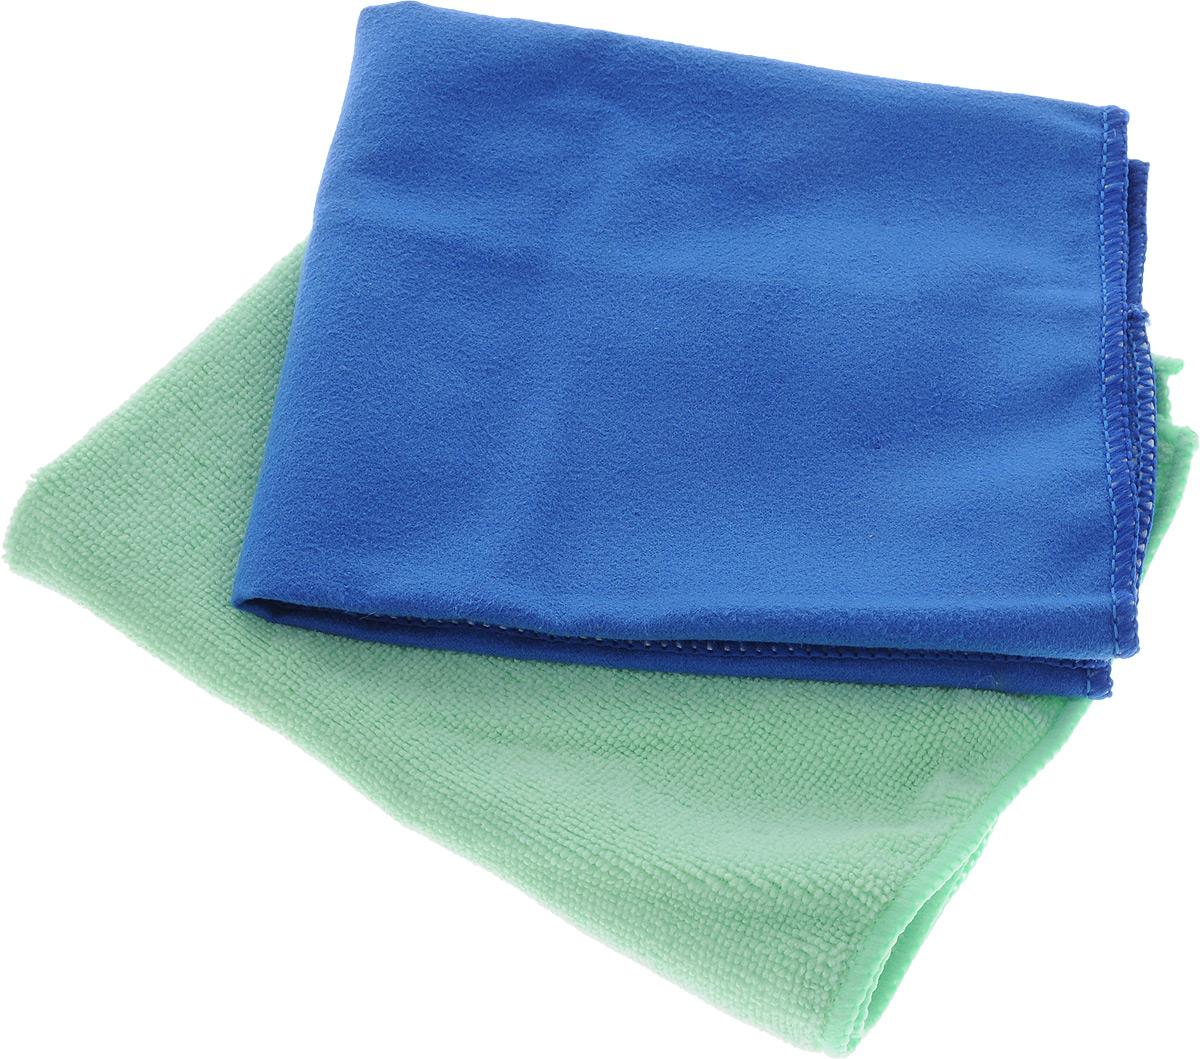 Салфетка чистящая Sapfire Cleaning Сloth & Suede, цвет: синий, салатовый, 35 х 40 см, 2 штAN-S-02Благодаря своей уникальной ворсовой структуре, салфетки Sapfire Cleaning Сloth & Suede прекрасно подходят для мытья и полировки автомобиля.Материал салфеток: микрофибра (85% полиэстер и 15% полиамид), обладает уникальной способностью быстро впитывать большой объем жидкости. Клиновидные микроскопические волокна захватывают и легко удерживают частички пыли, жировой и никотиновый налет, микроорганизмы, в том числе болезнетворные и вызывающие аллергию. Протертая поверхность становится идеально чистой, сухой, блестящей, без разводов и ворсинок. Допускается машинная и ручная стирка слабым моющим раствором в теплой воде.Отбеливание и глажка запрещены.Размер салфеток: 35 х 40 см.